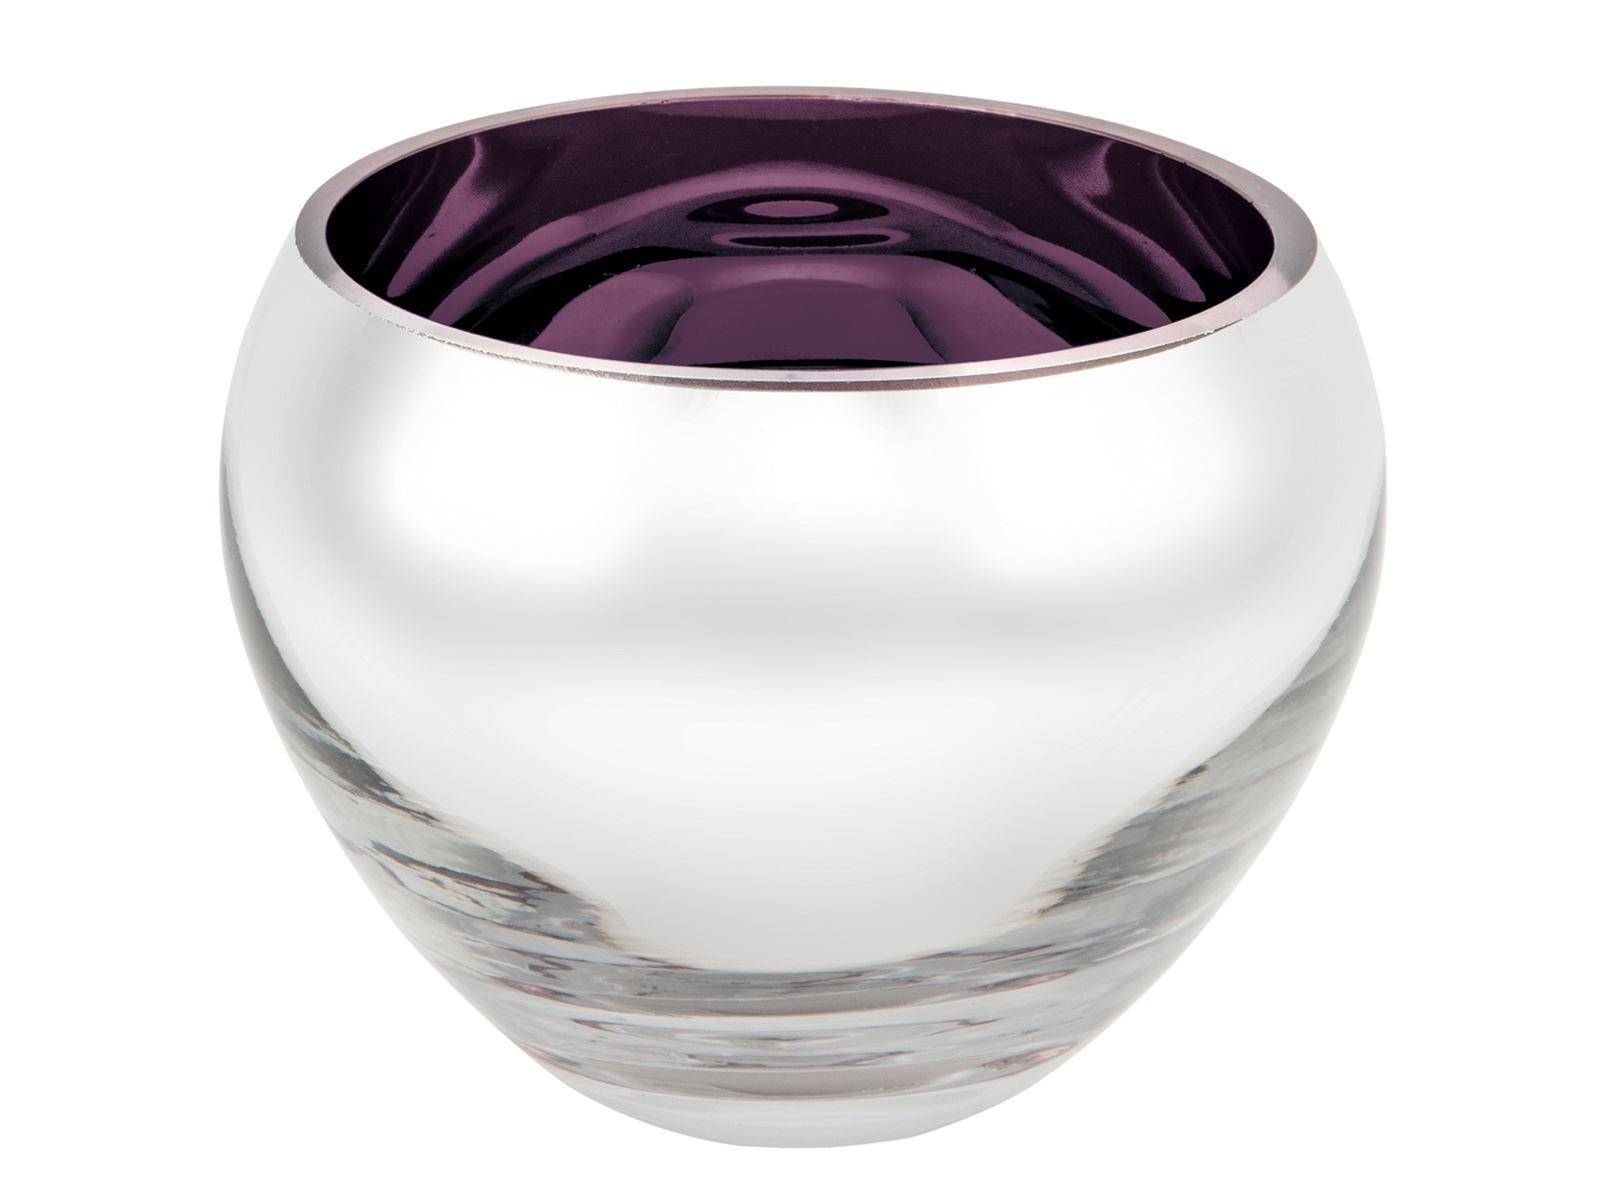 Fink Teelichthalter COLORE Teelichthalter berry 9 cm (beere) günstig online kaufen